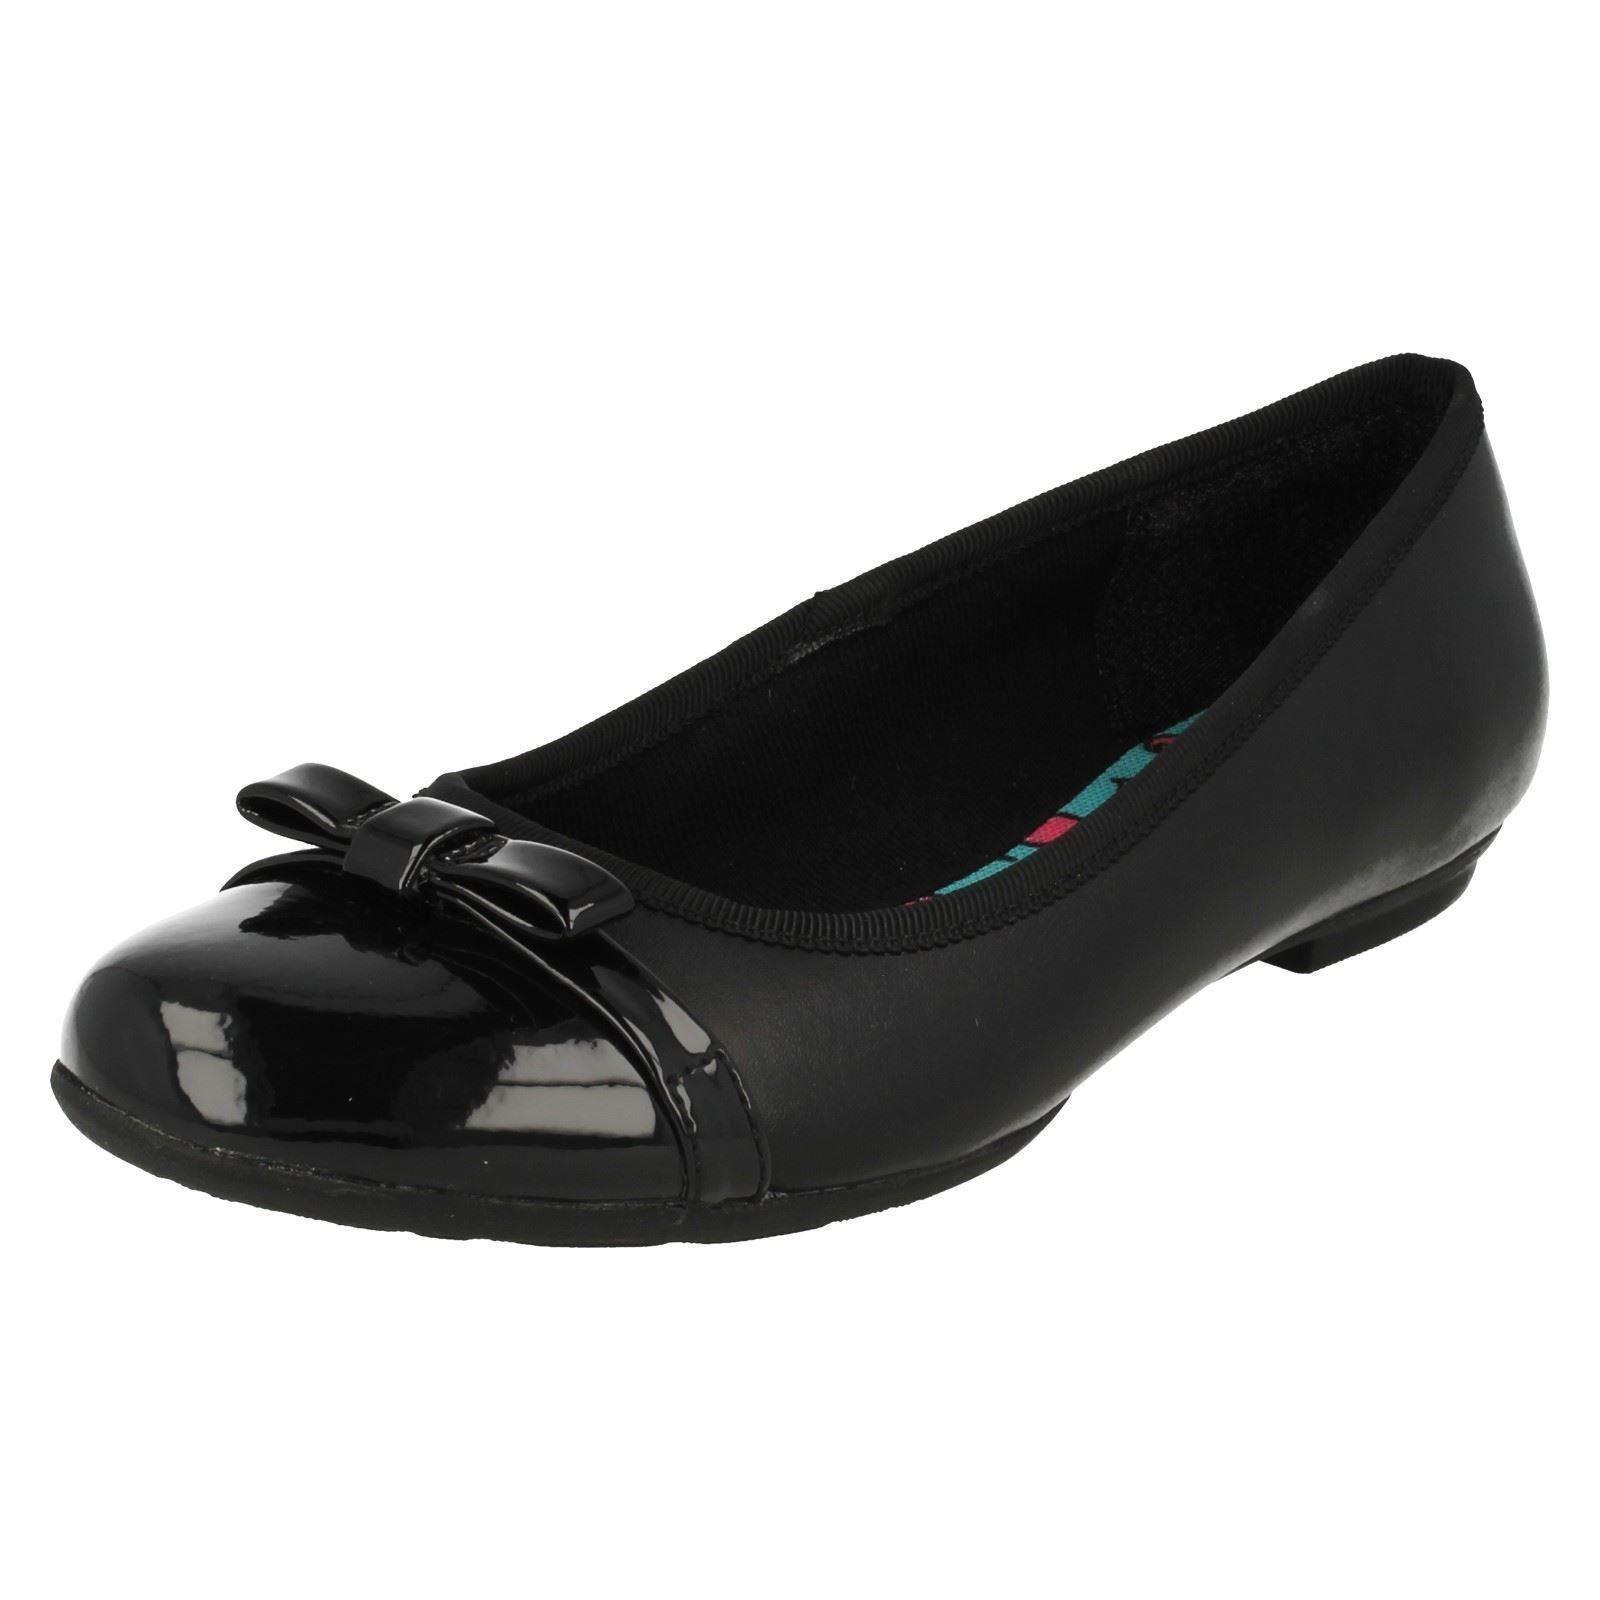 Girls Bootleg by Clarks School Shoes Tizz Fizz Black Leather UK 8 D ... ba04519f5